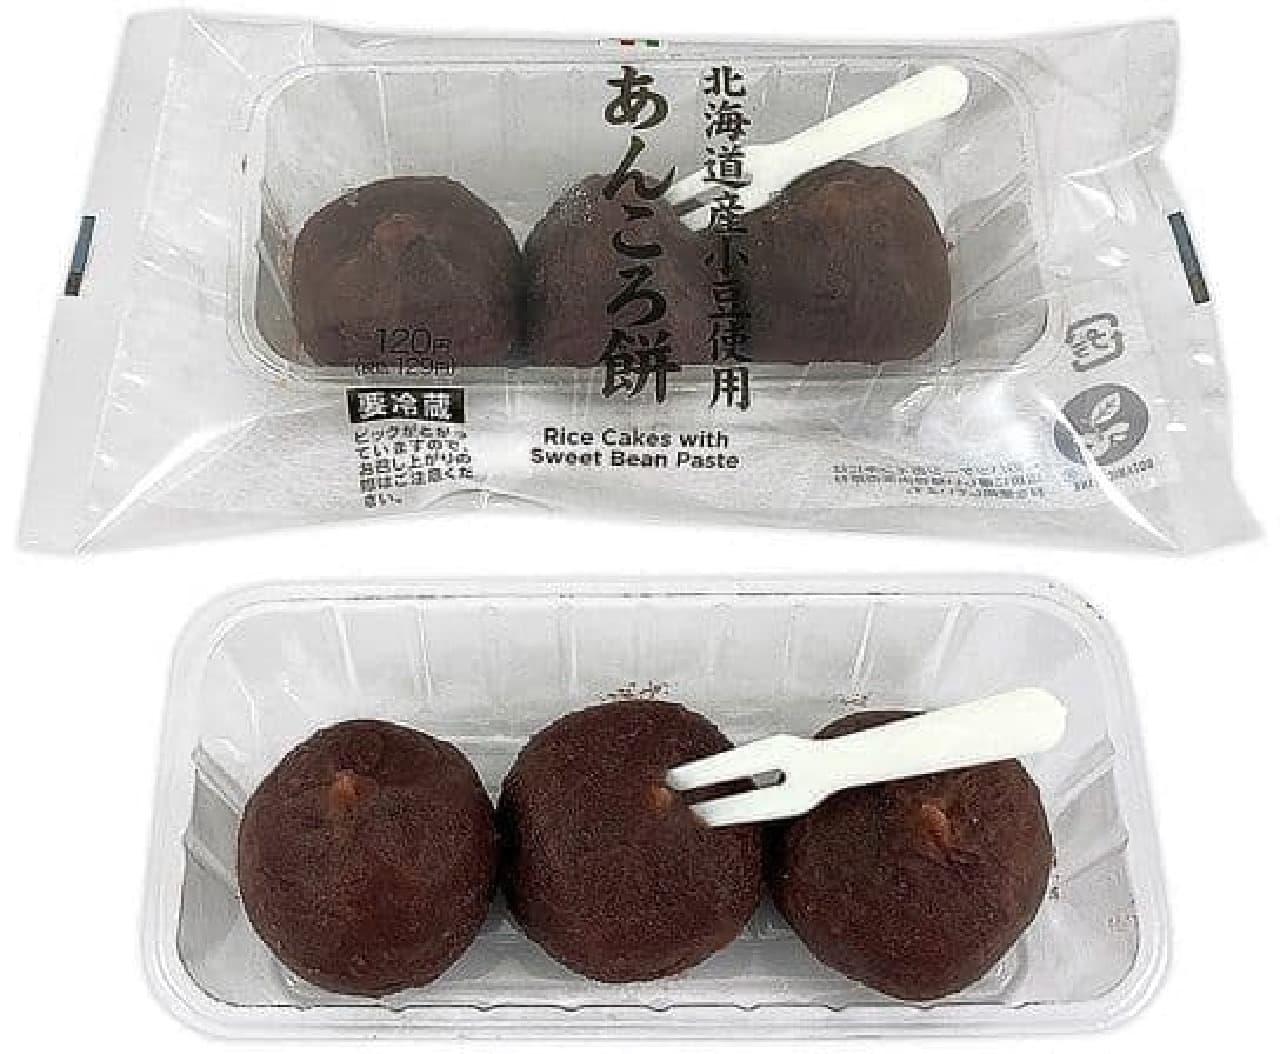 セブン-イレブン「北海道産小豆使用 あんころ餅」